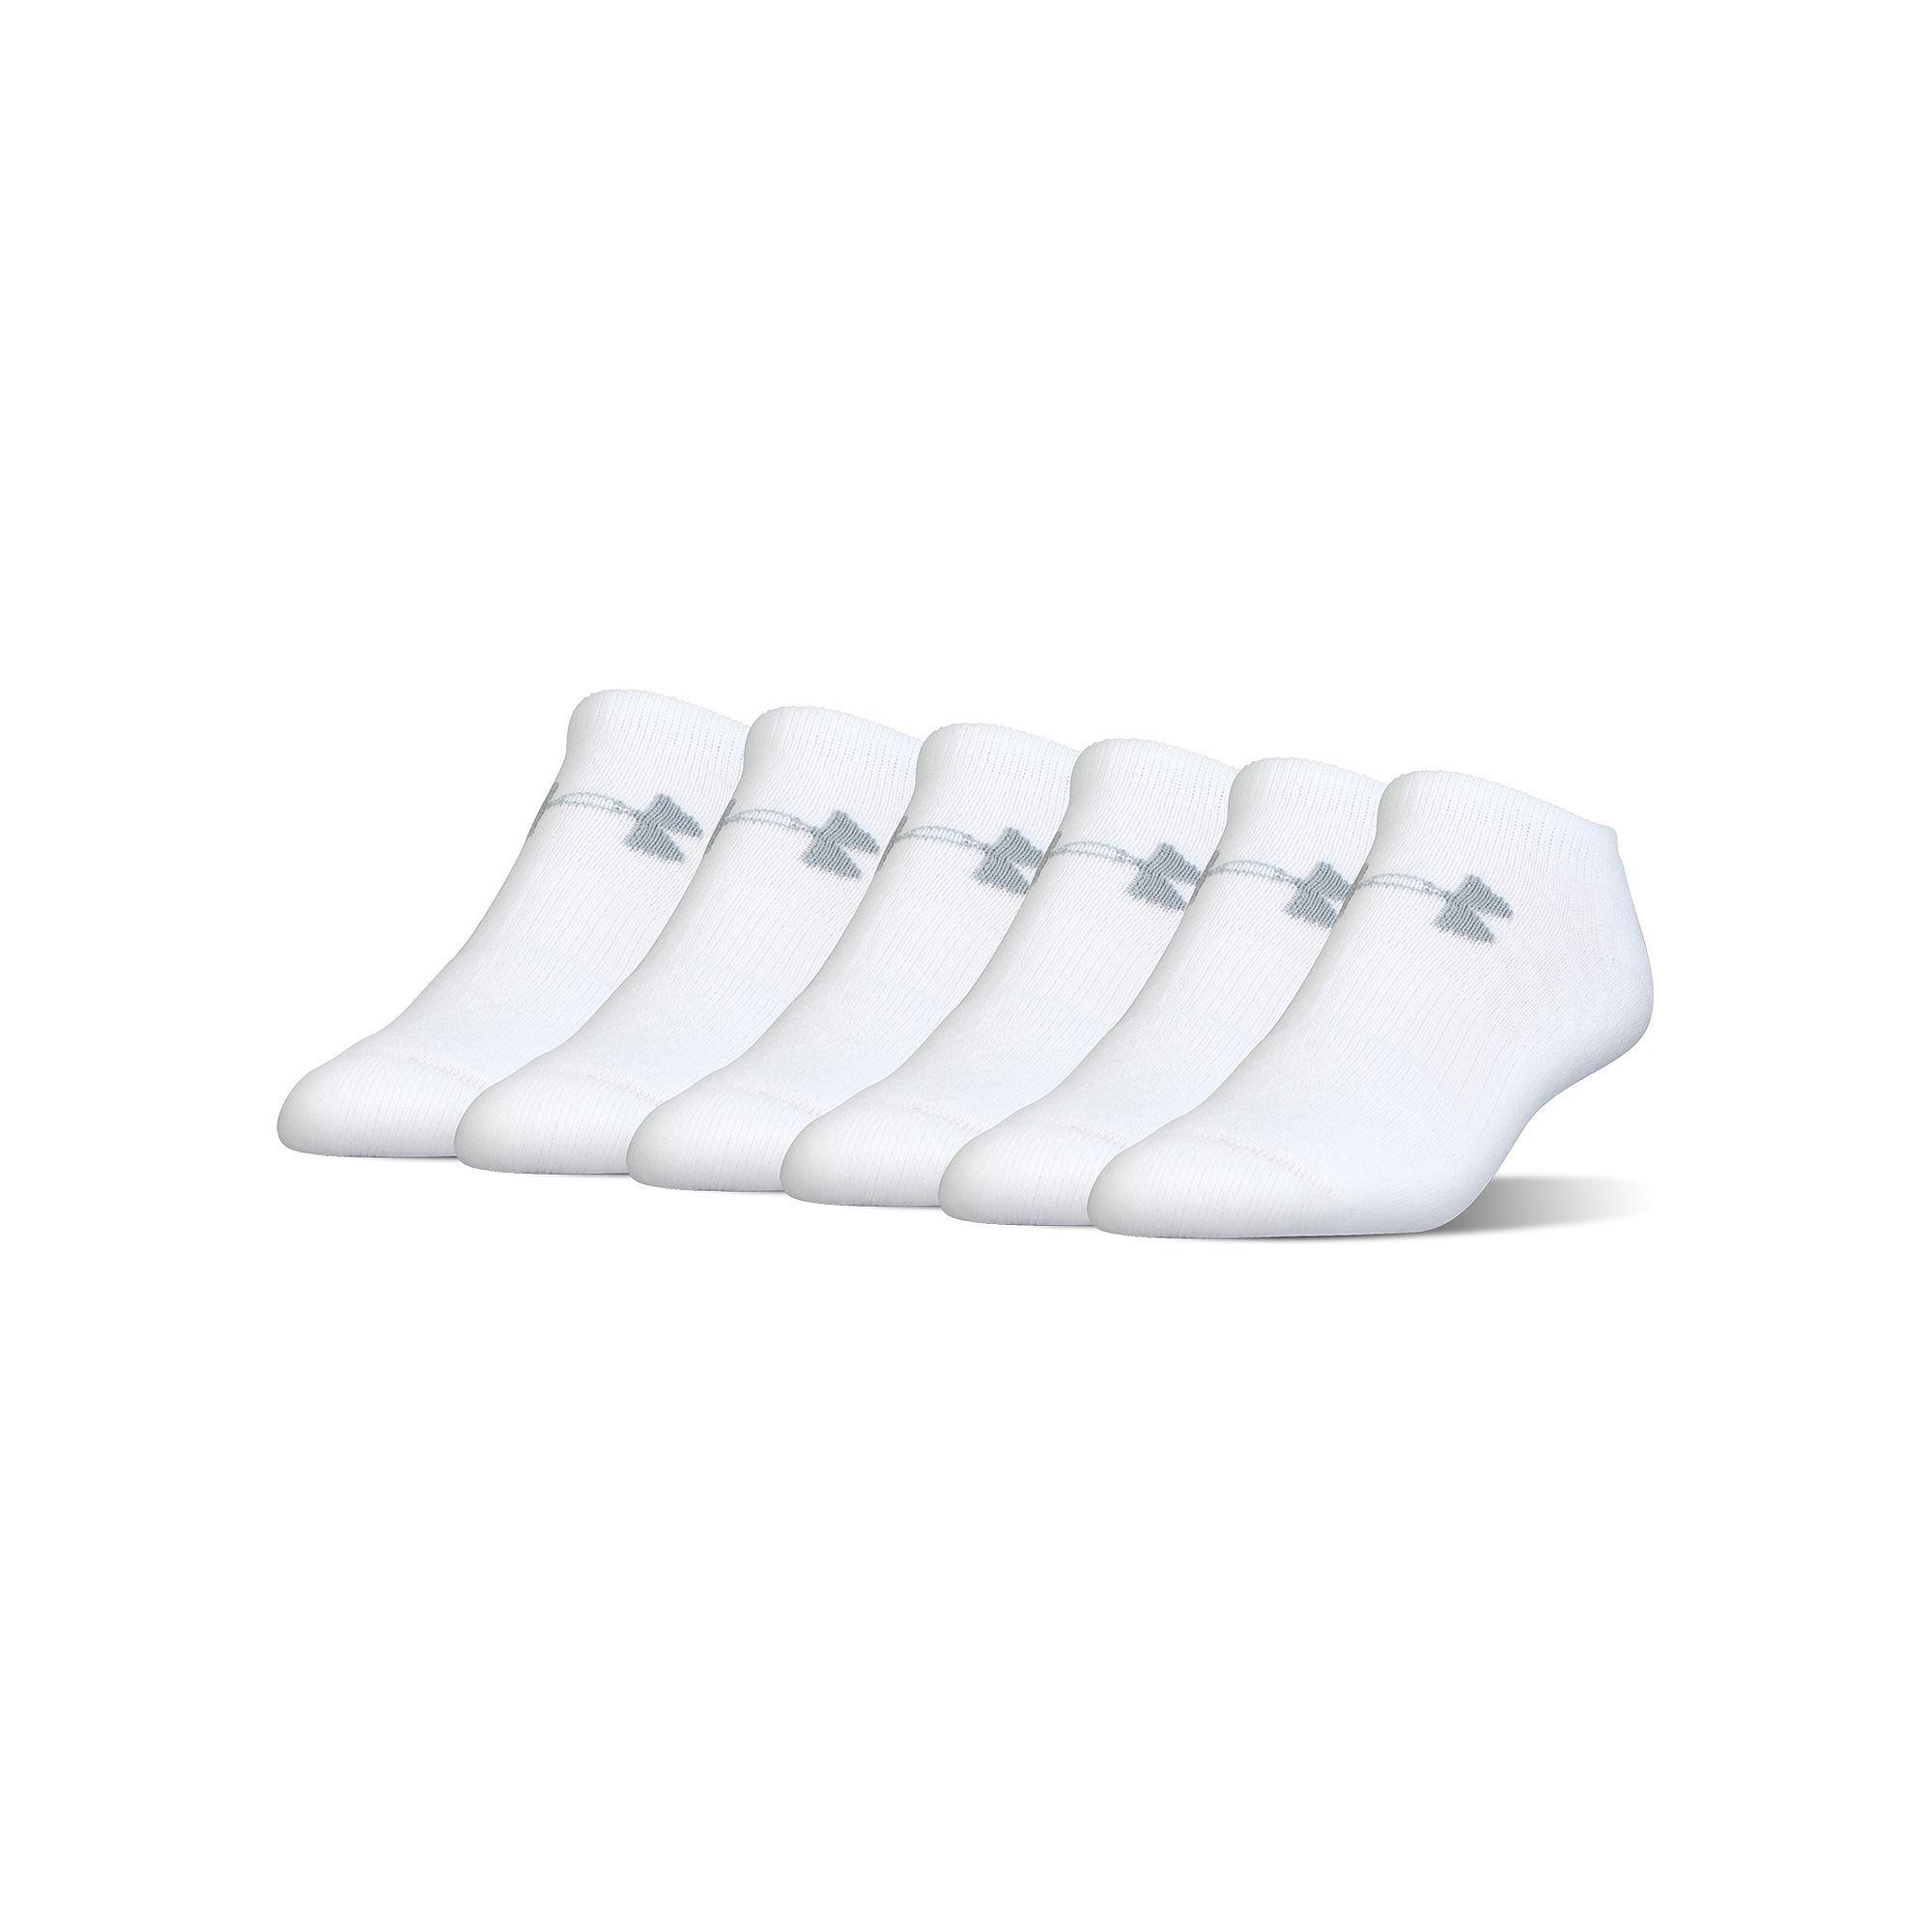 e7eada90471 Boys Under Armour 6-Pack No-Show Socks